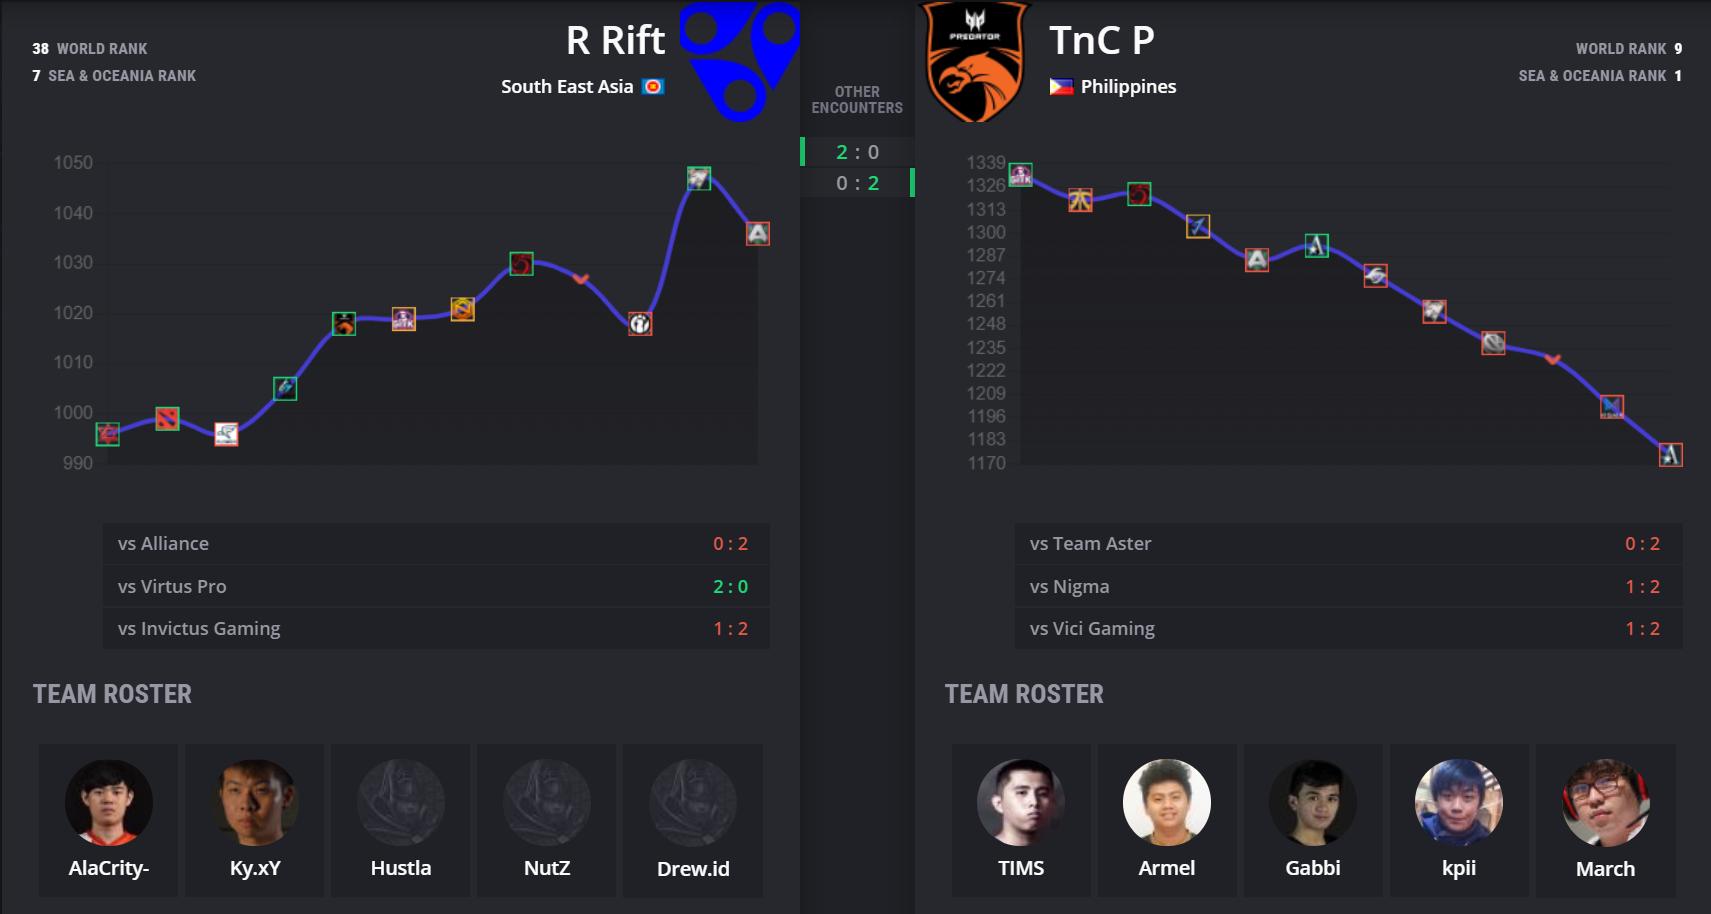 tnc vs rr - Vòng playoff Leipzig Major: TNC vs Reality Rift - Cơ hội cuối của nhà vô địch